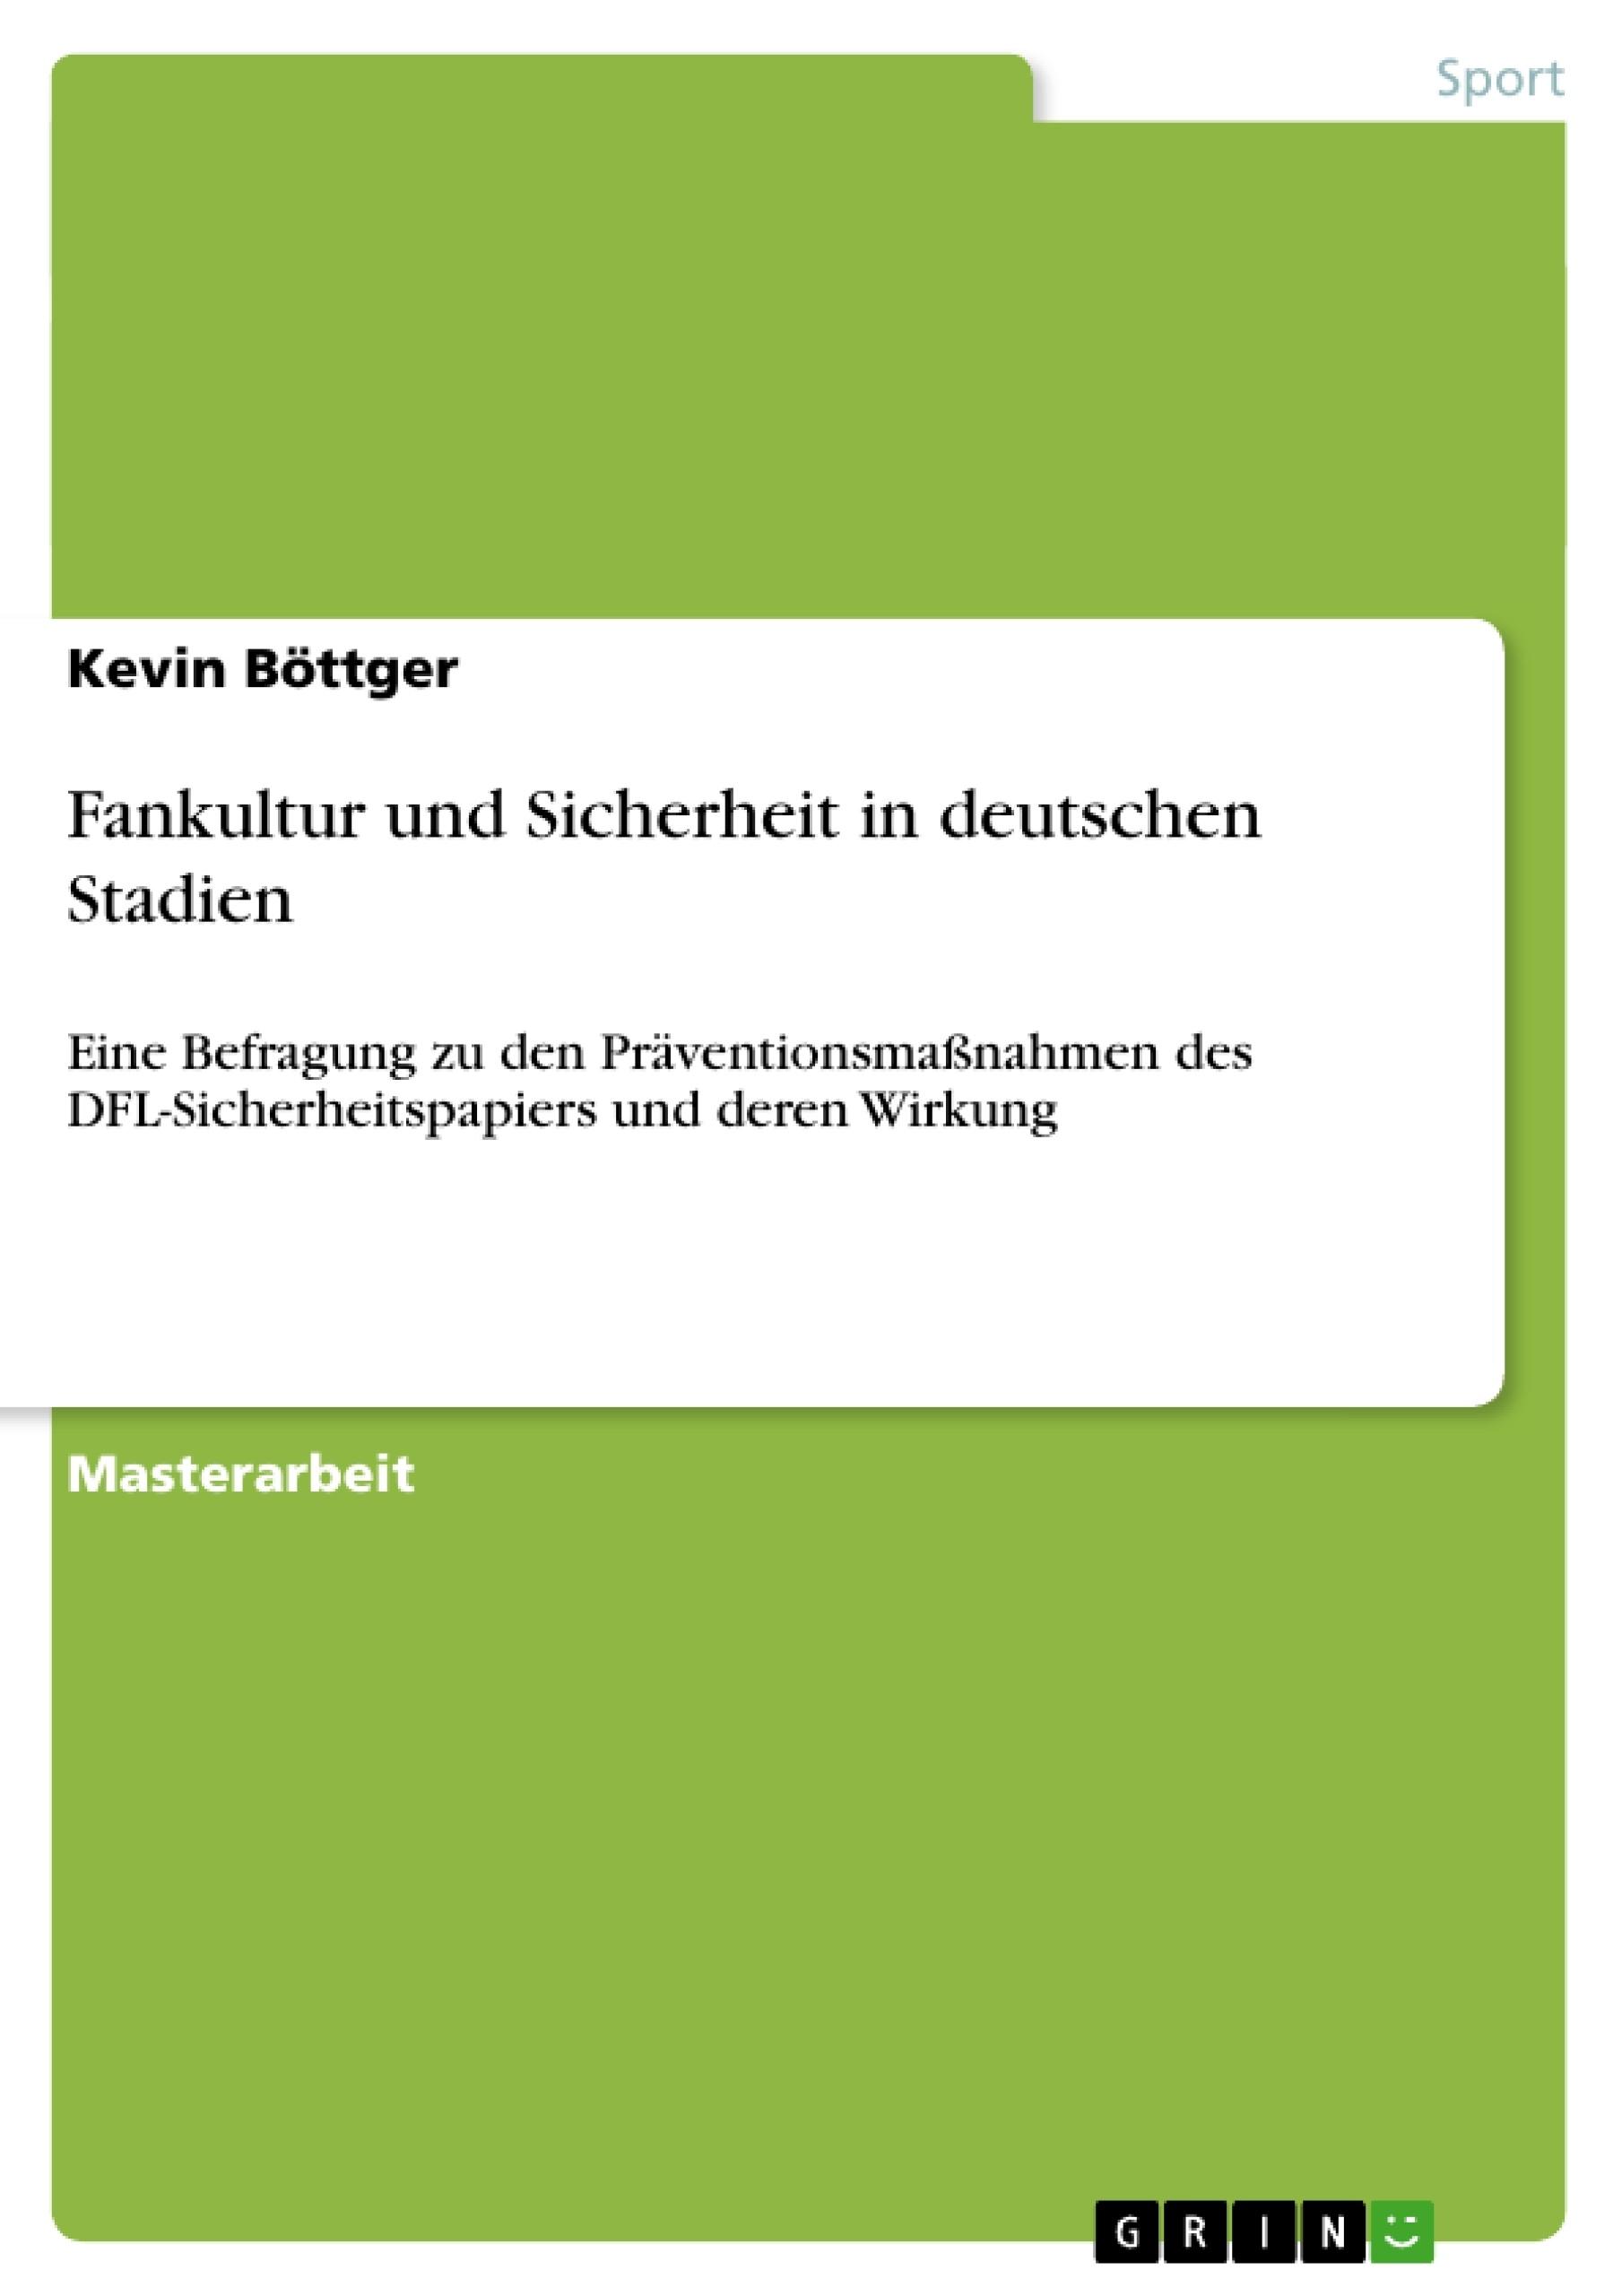 Titel: Fankultur und Sicherheit in deutschen Stadien